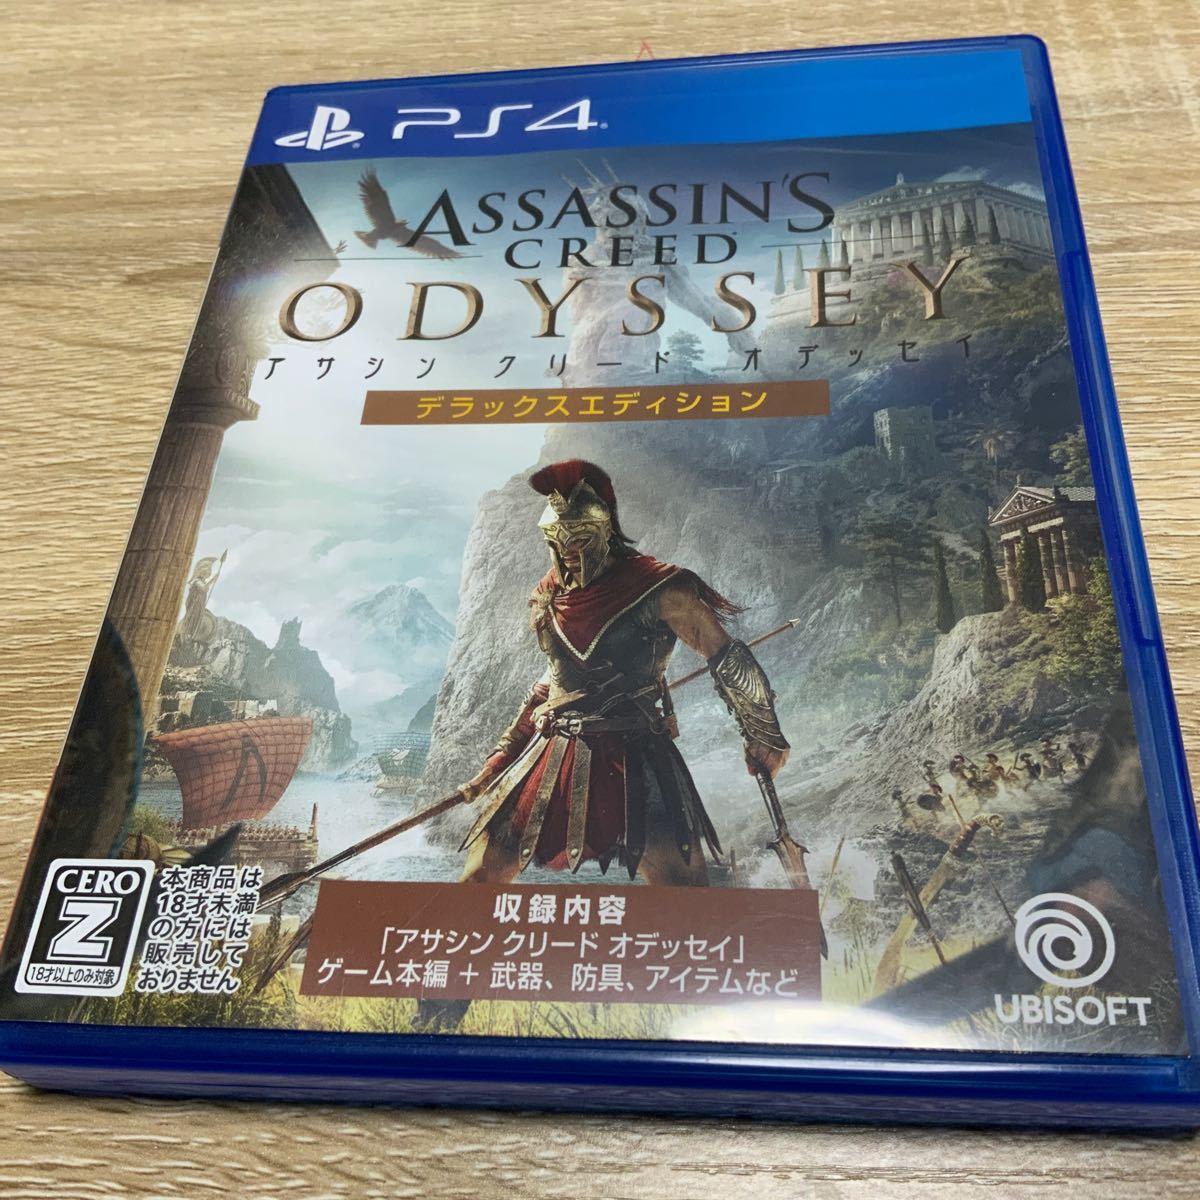 PS4 アサシンクリードオデッセイ PS4ソフト